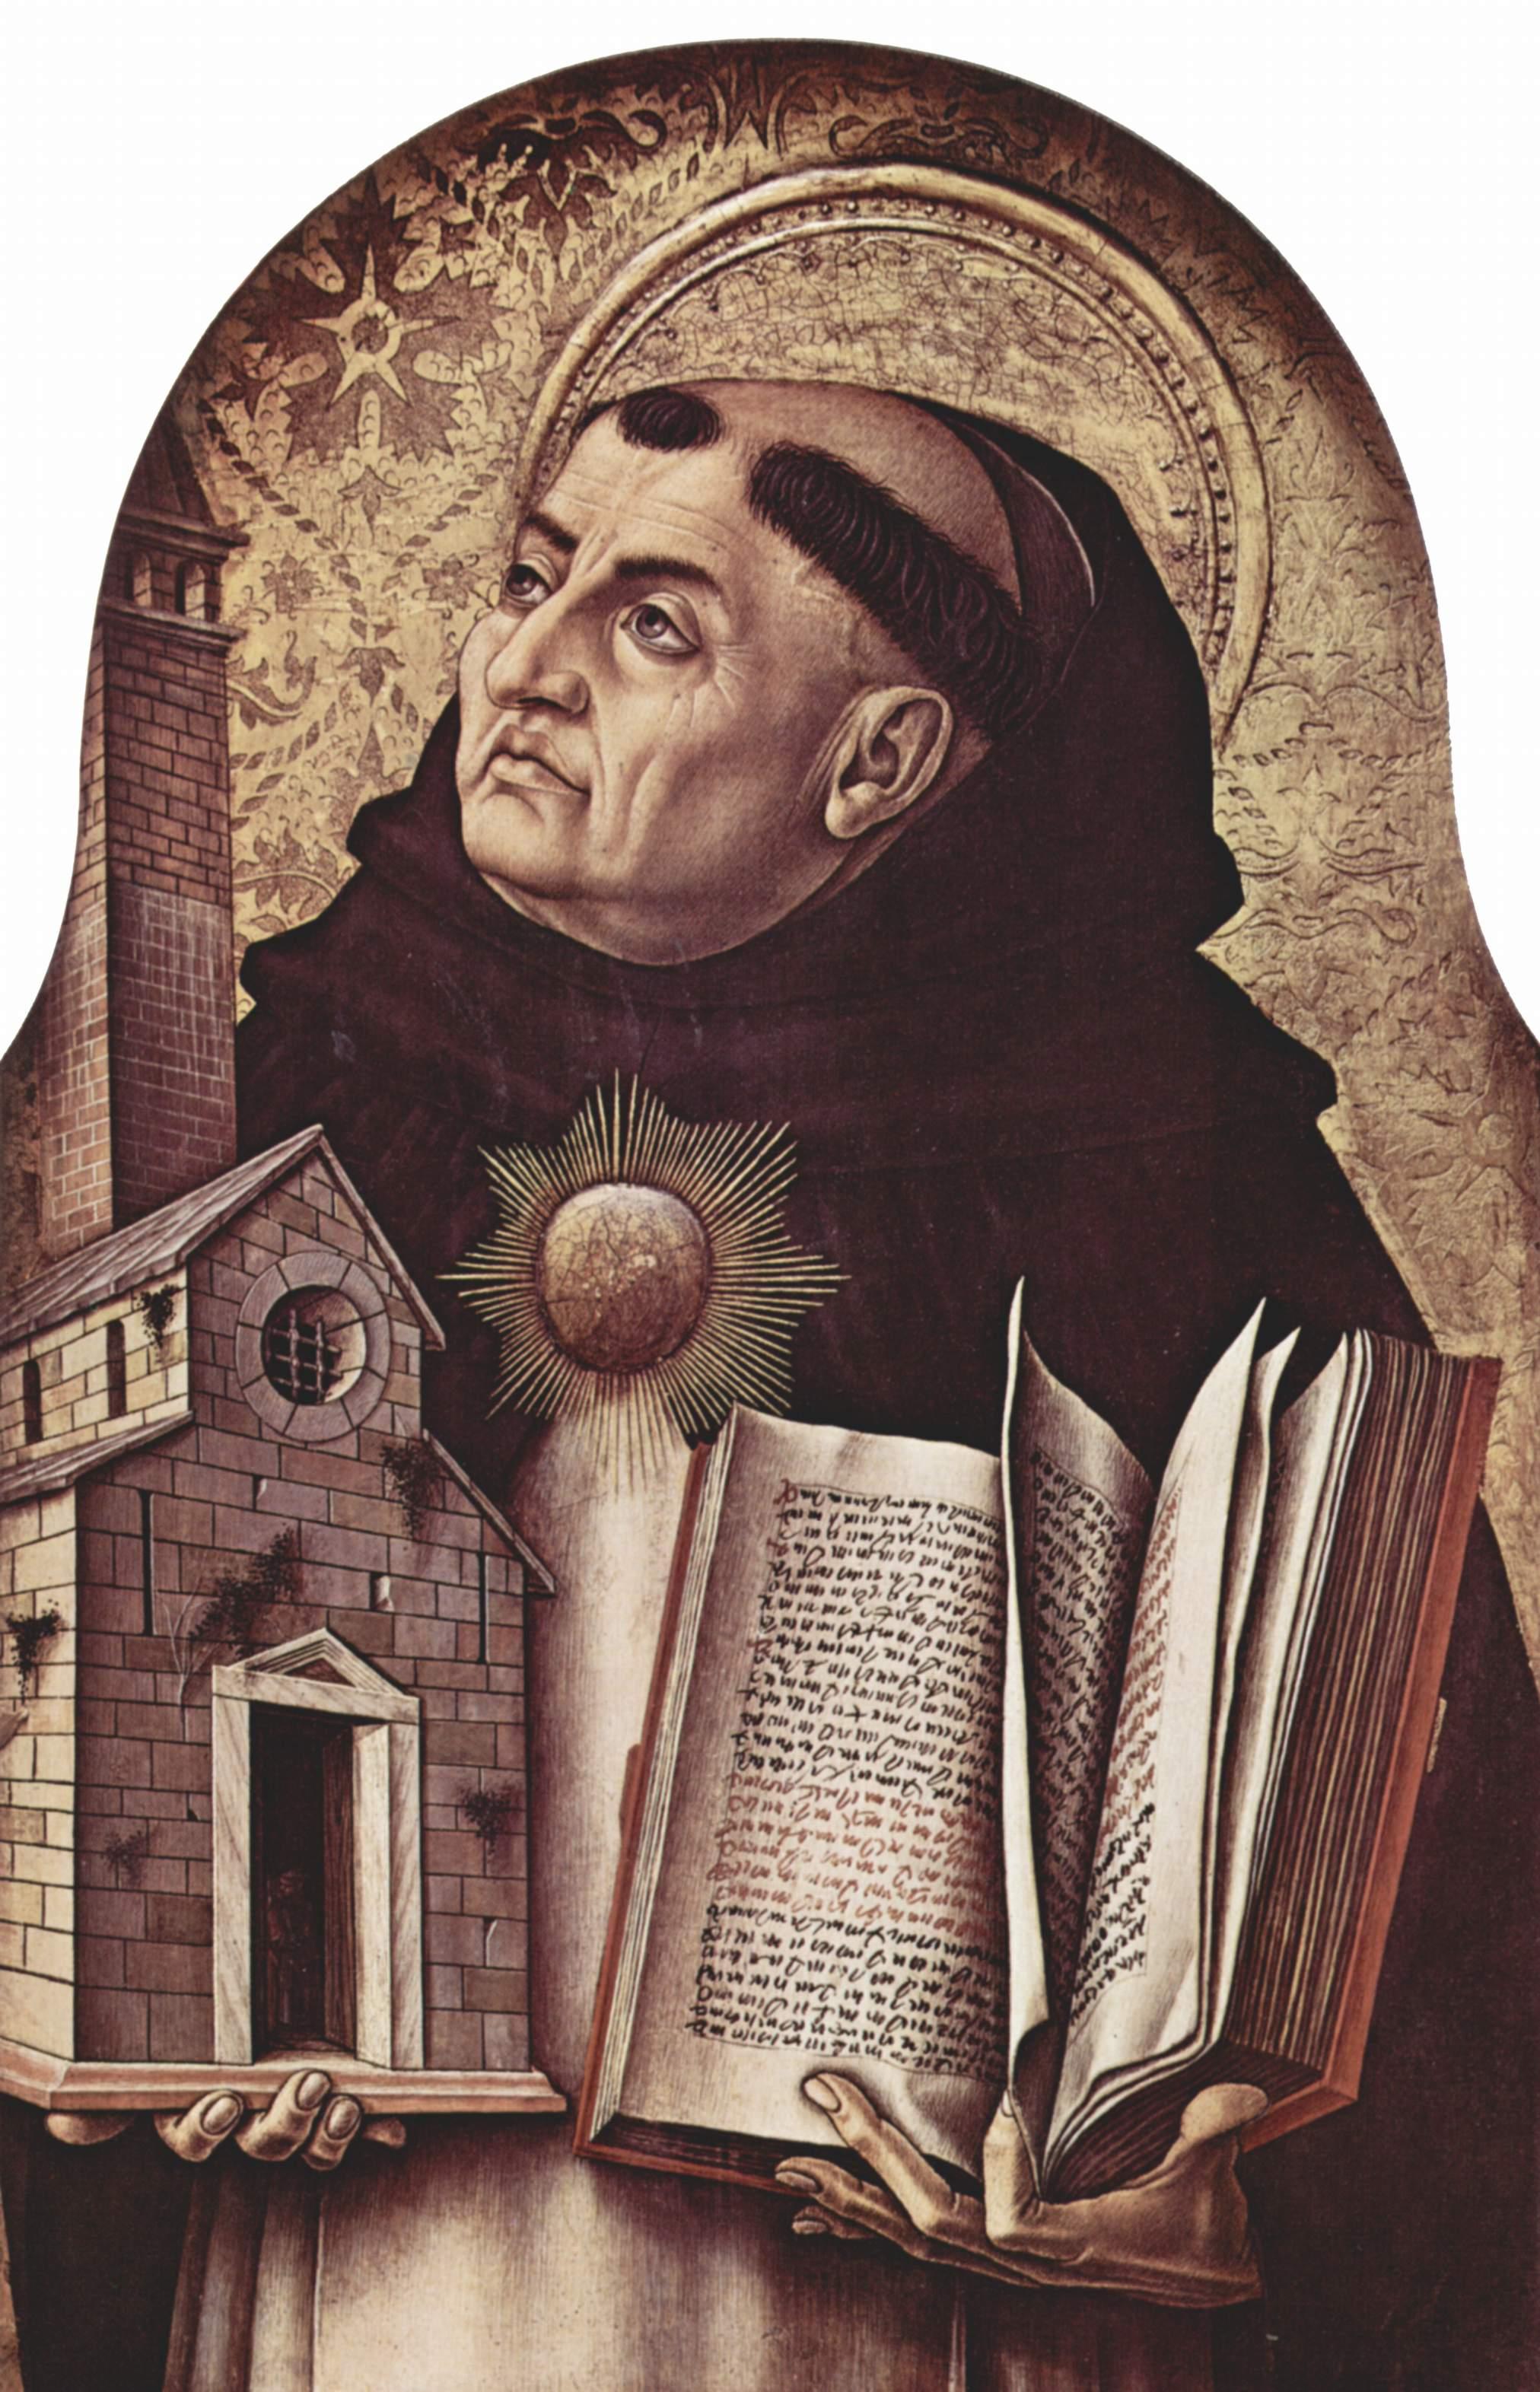 Центральный алтарь Сан Доменико в Асколи, полиптих, левое внешнее навершие  св. Фома Аквинский, Карло Кривелли